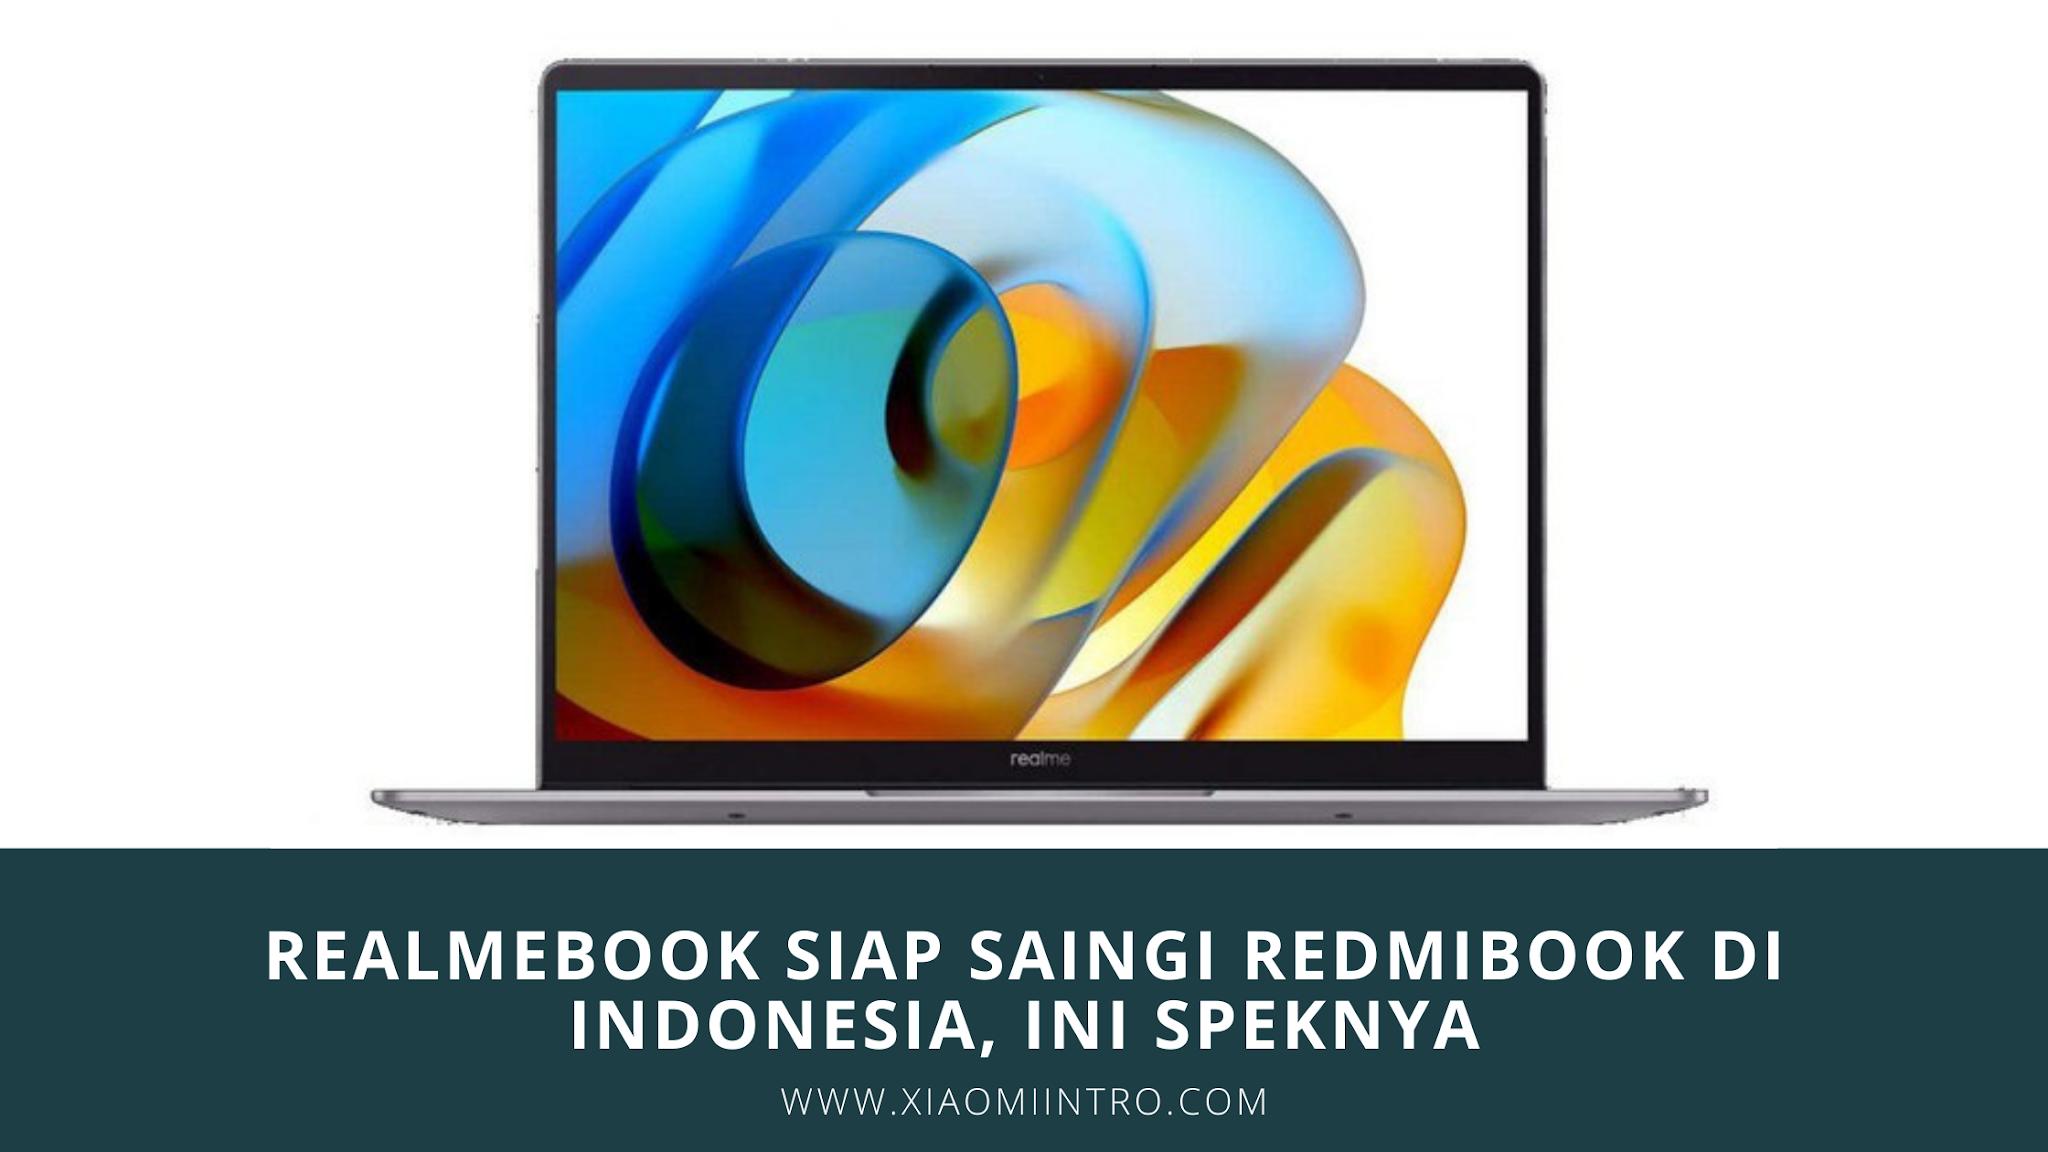 Realmebook Siap Saingi Redmibook di Indonesia, Ini Speknya